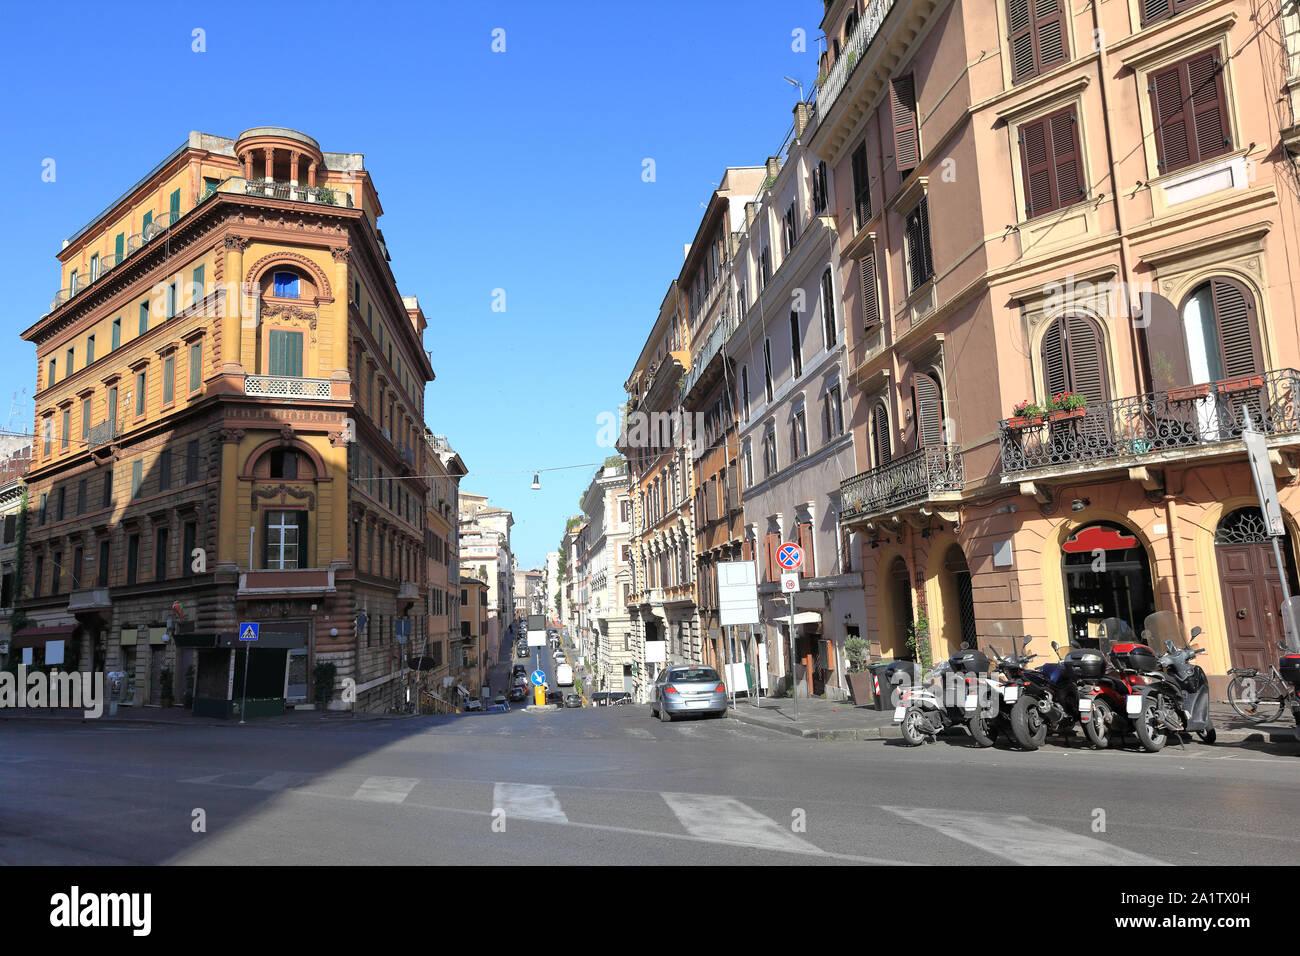 Rue de Rome, la vie quotidienne dans la ville Banque D'Images